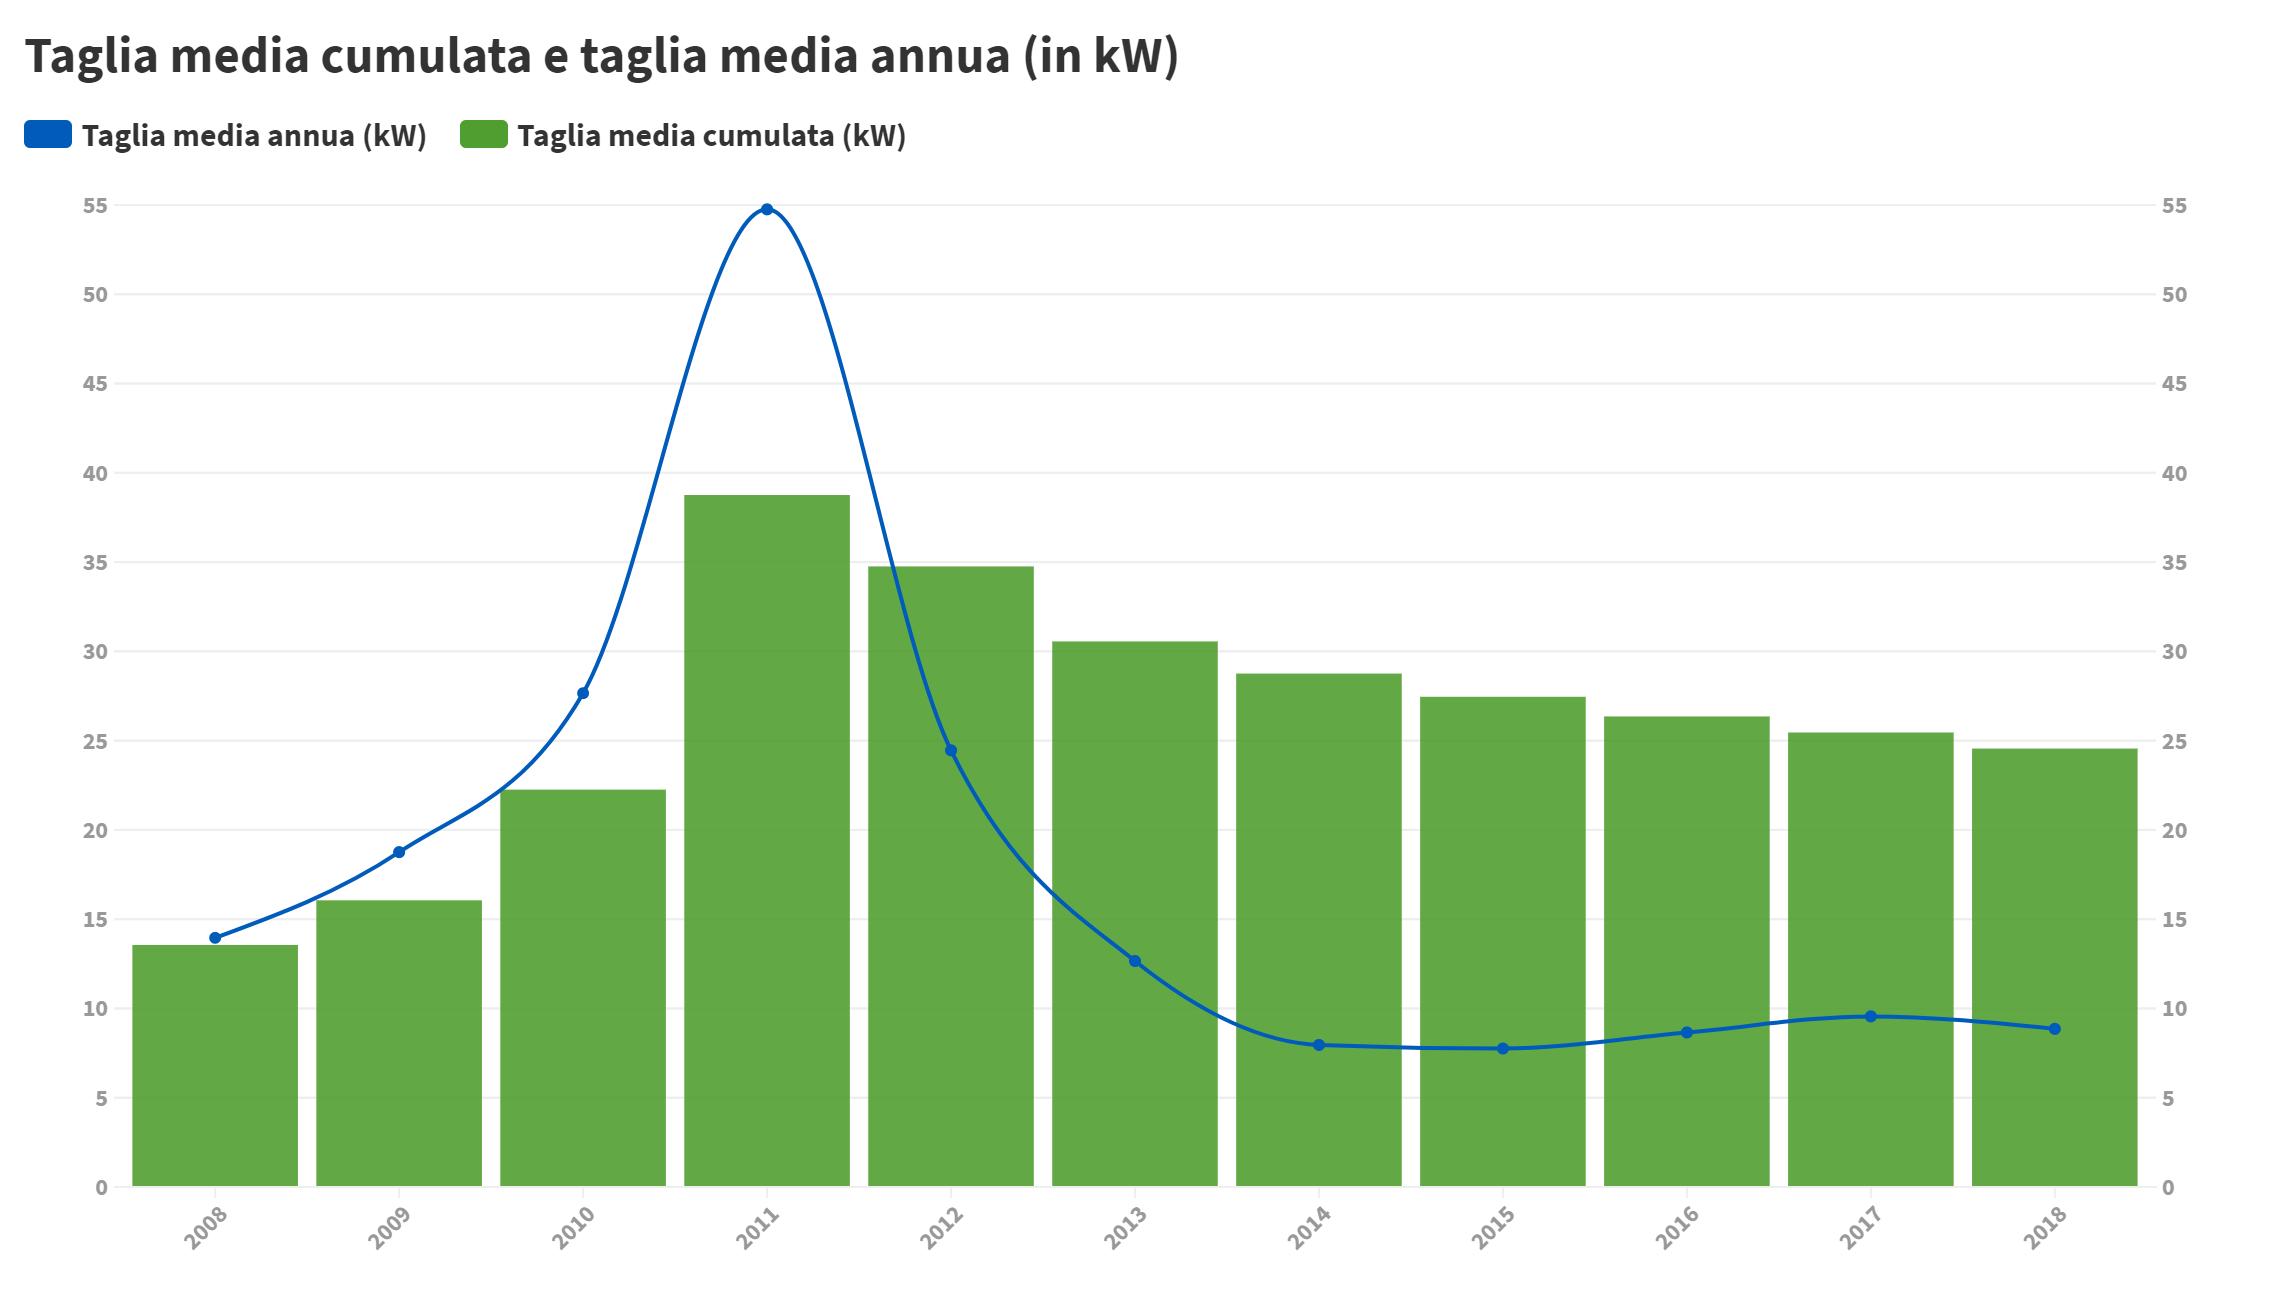 Media Annua sulla taglia degli impianti Fotovoltaici